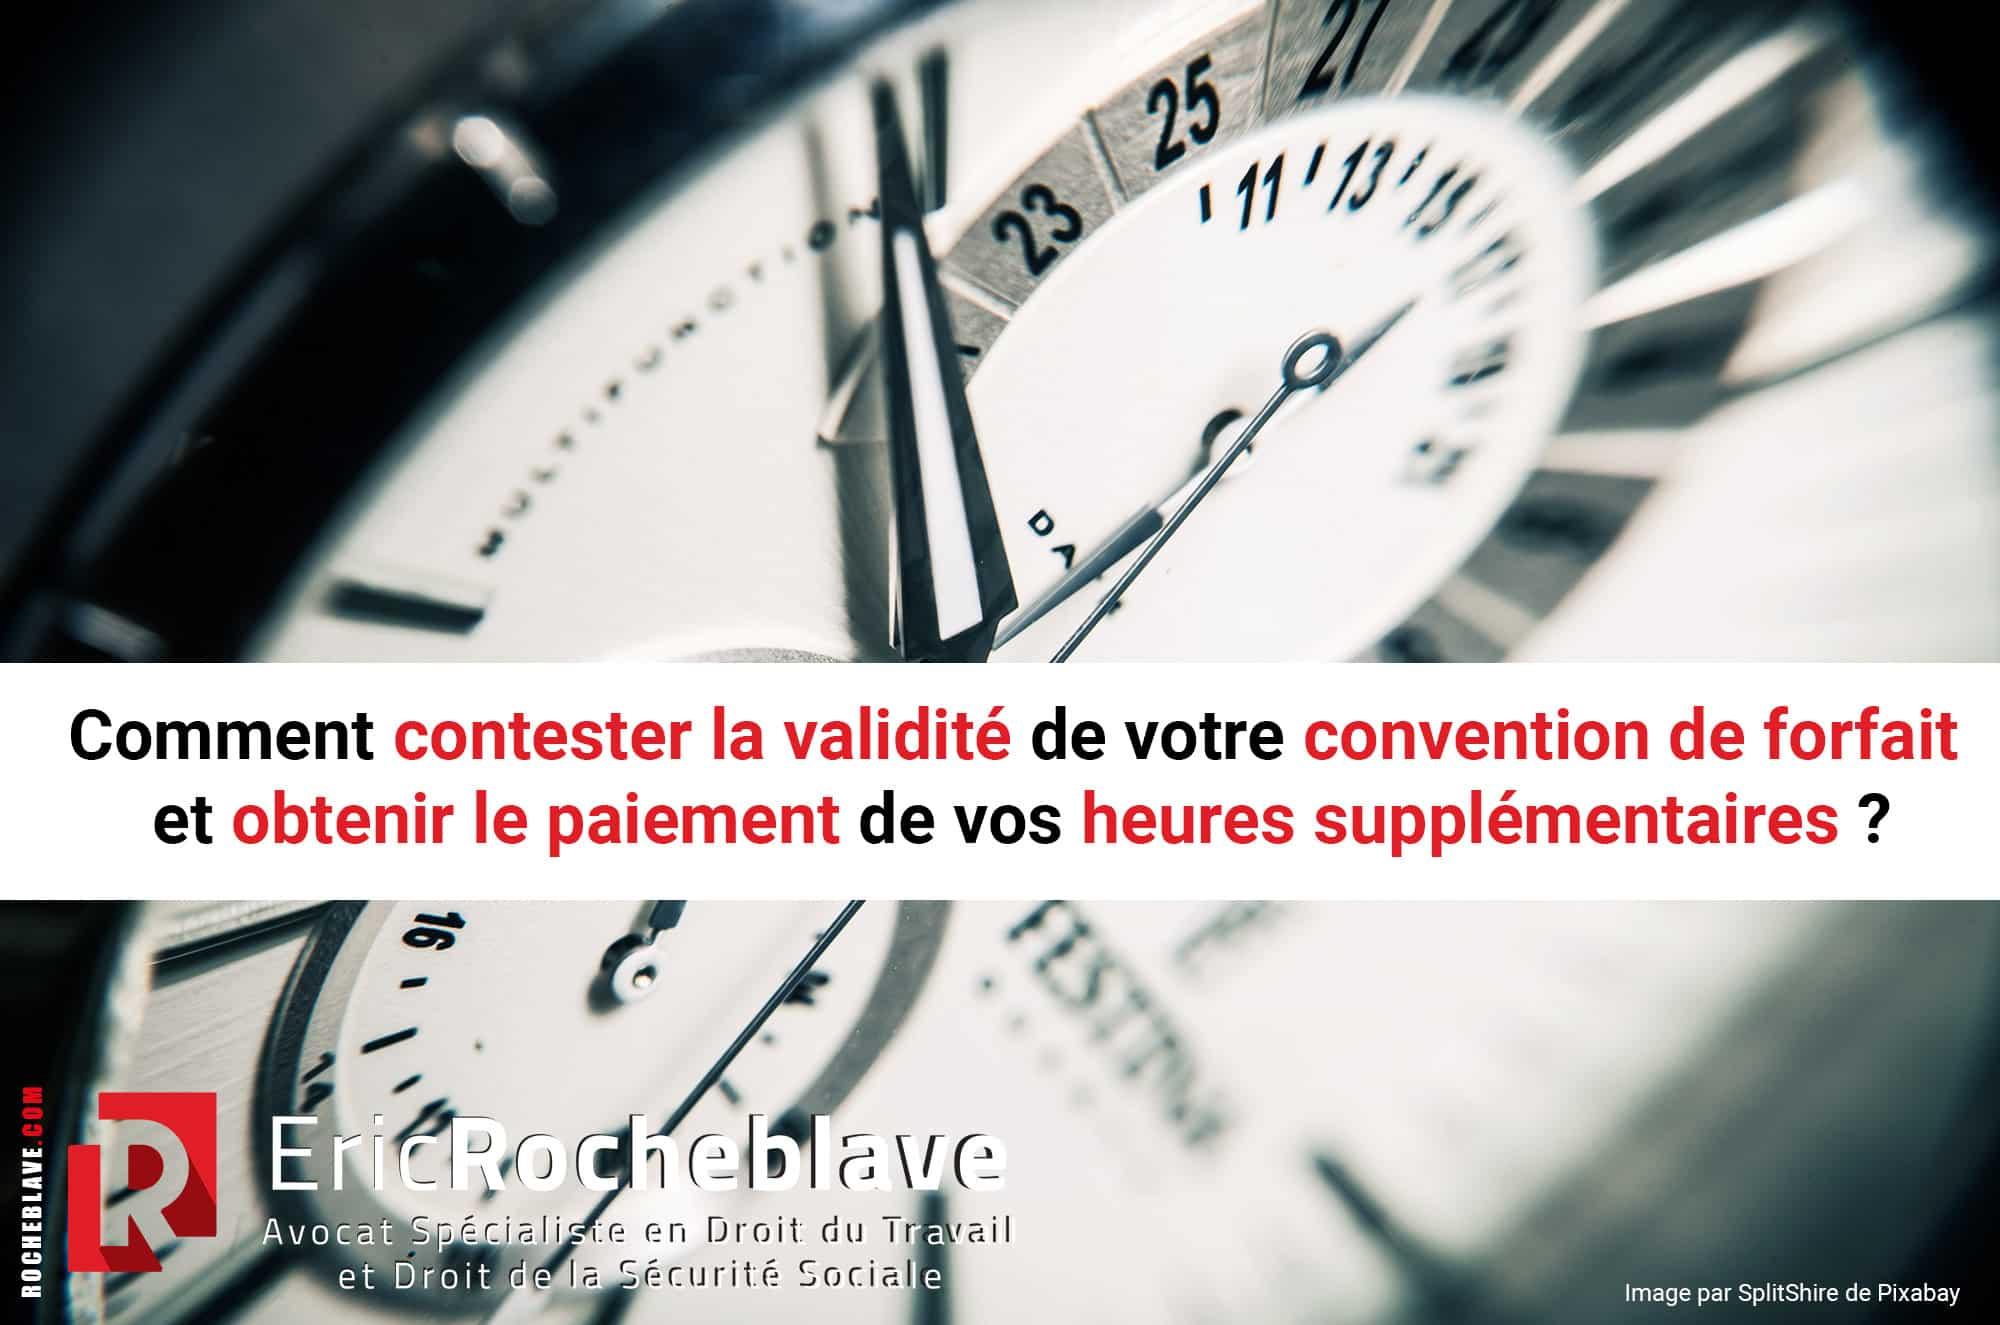 Comment contester la validité de votre convention de forfaitet obtenir le paiement de vos heures supplémentaires?